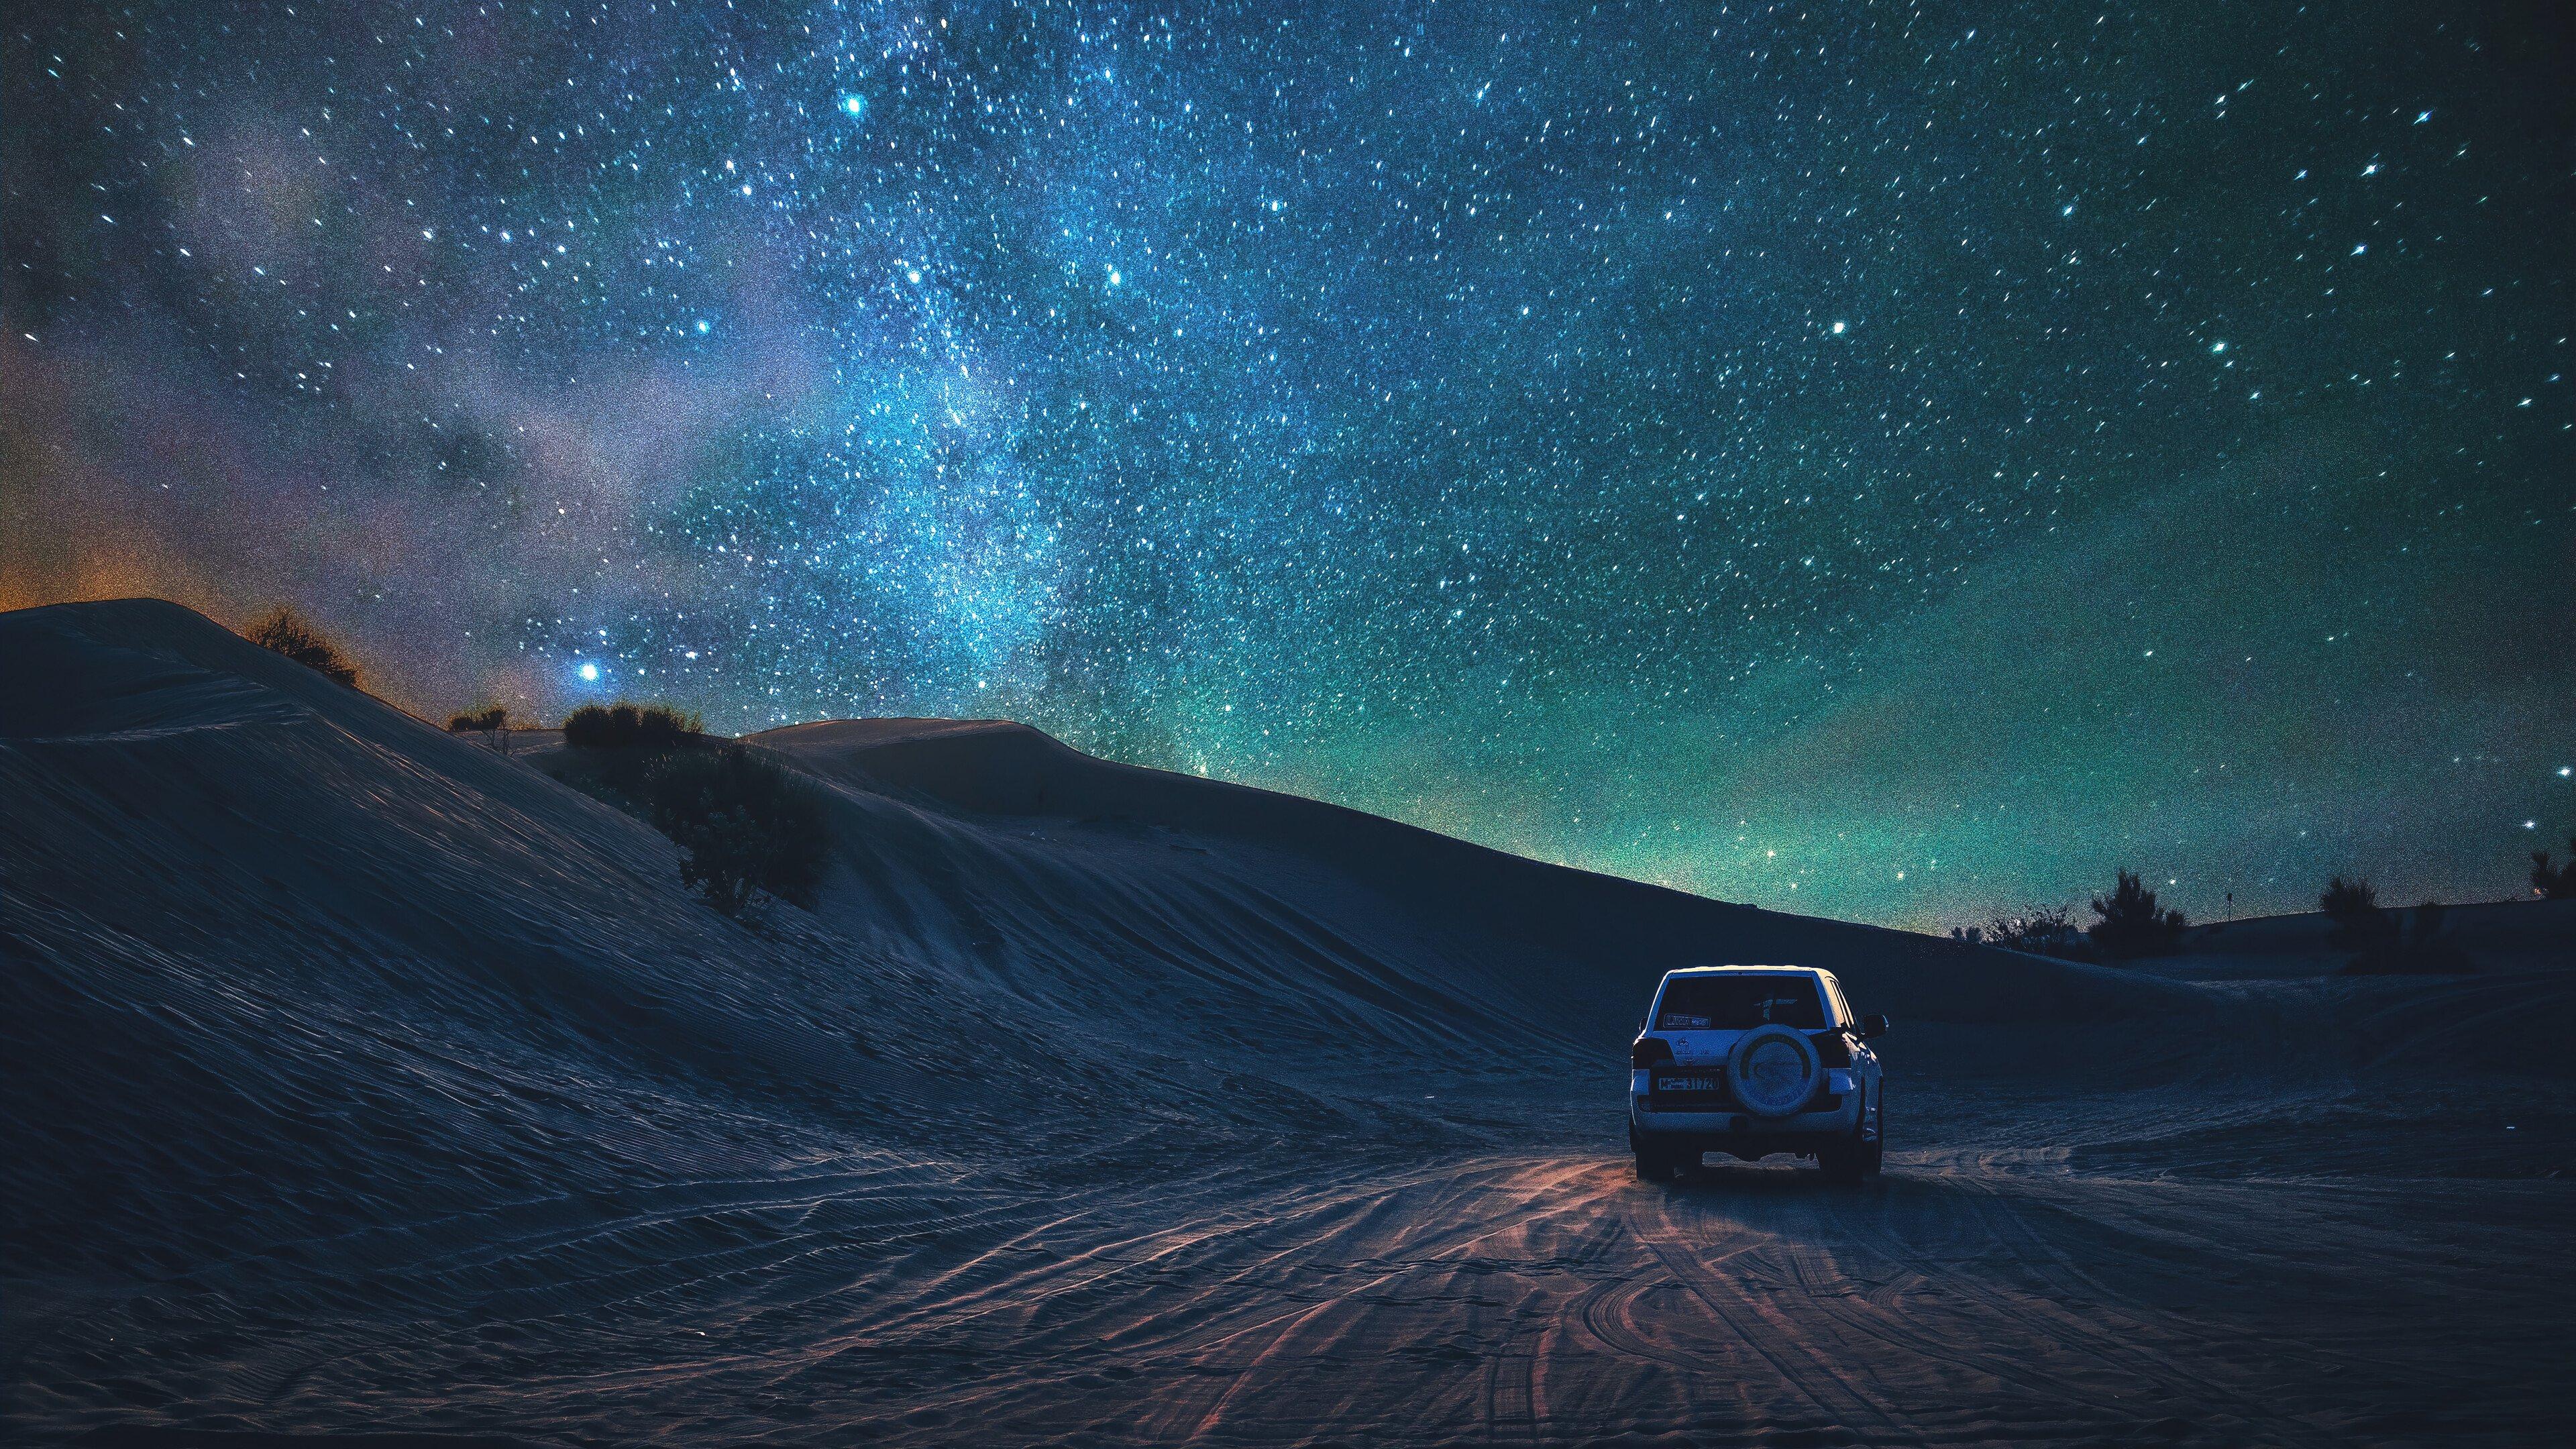 Wallpaper Desert and the stars